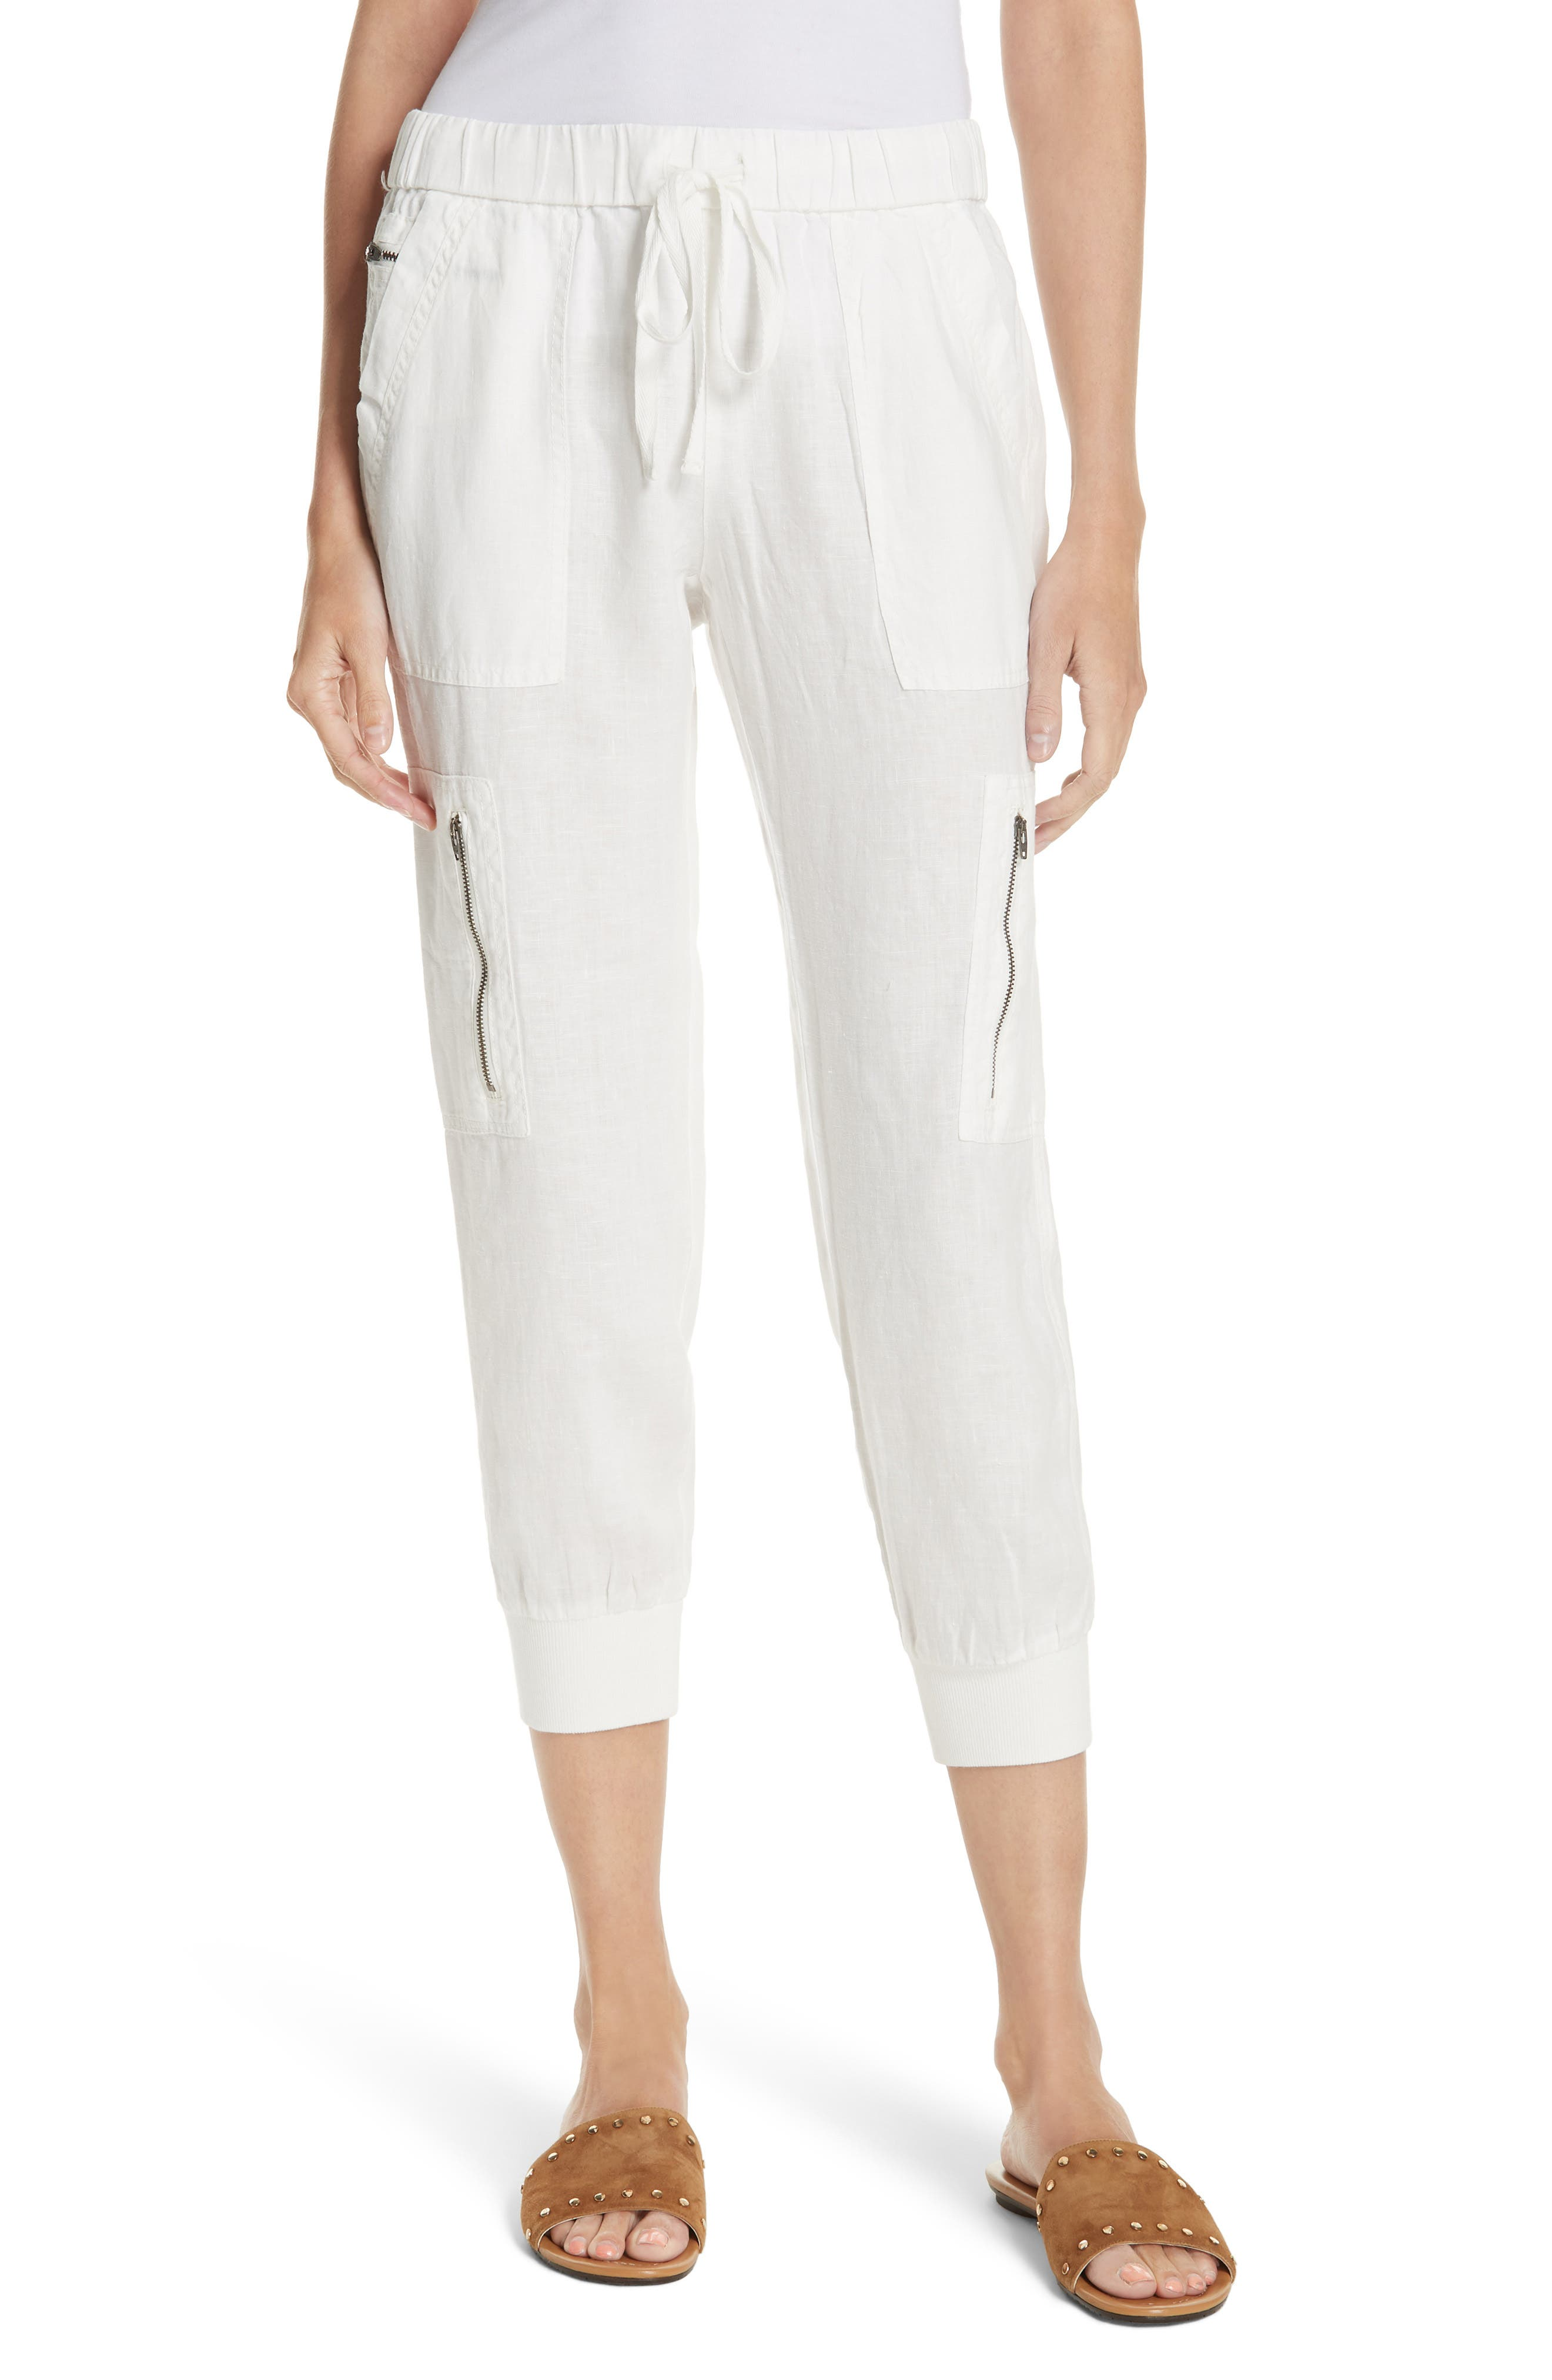 Joie Florimel Crop Linen Jogger Pants